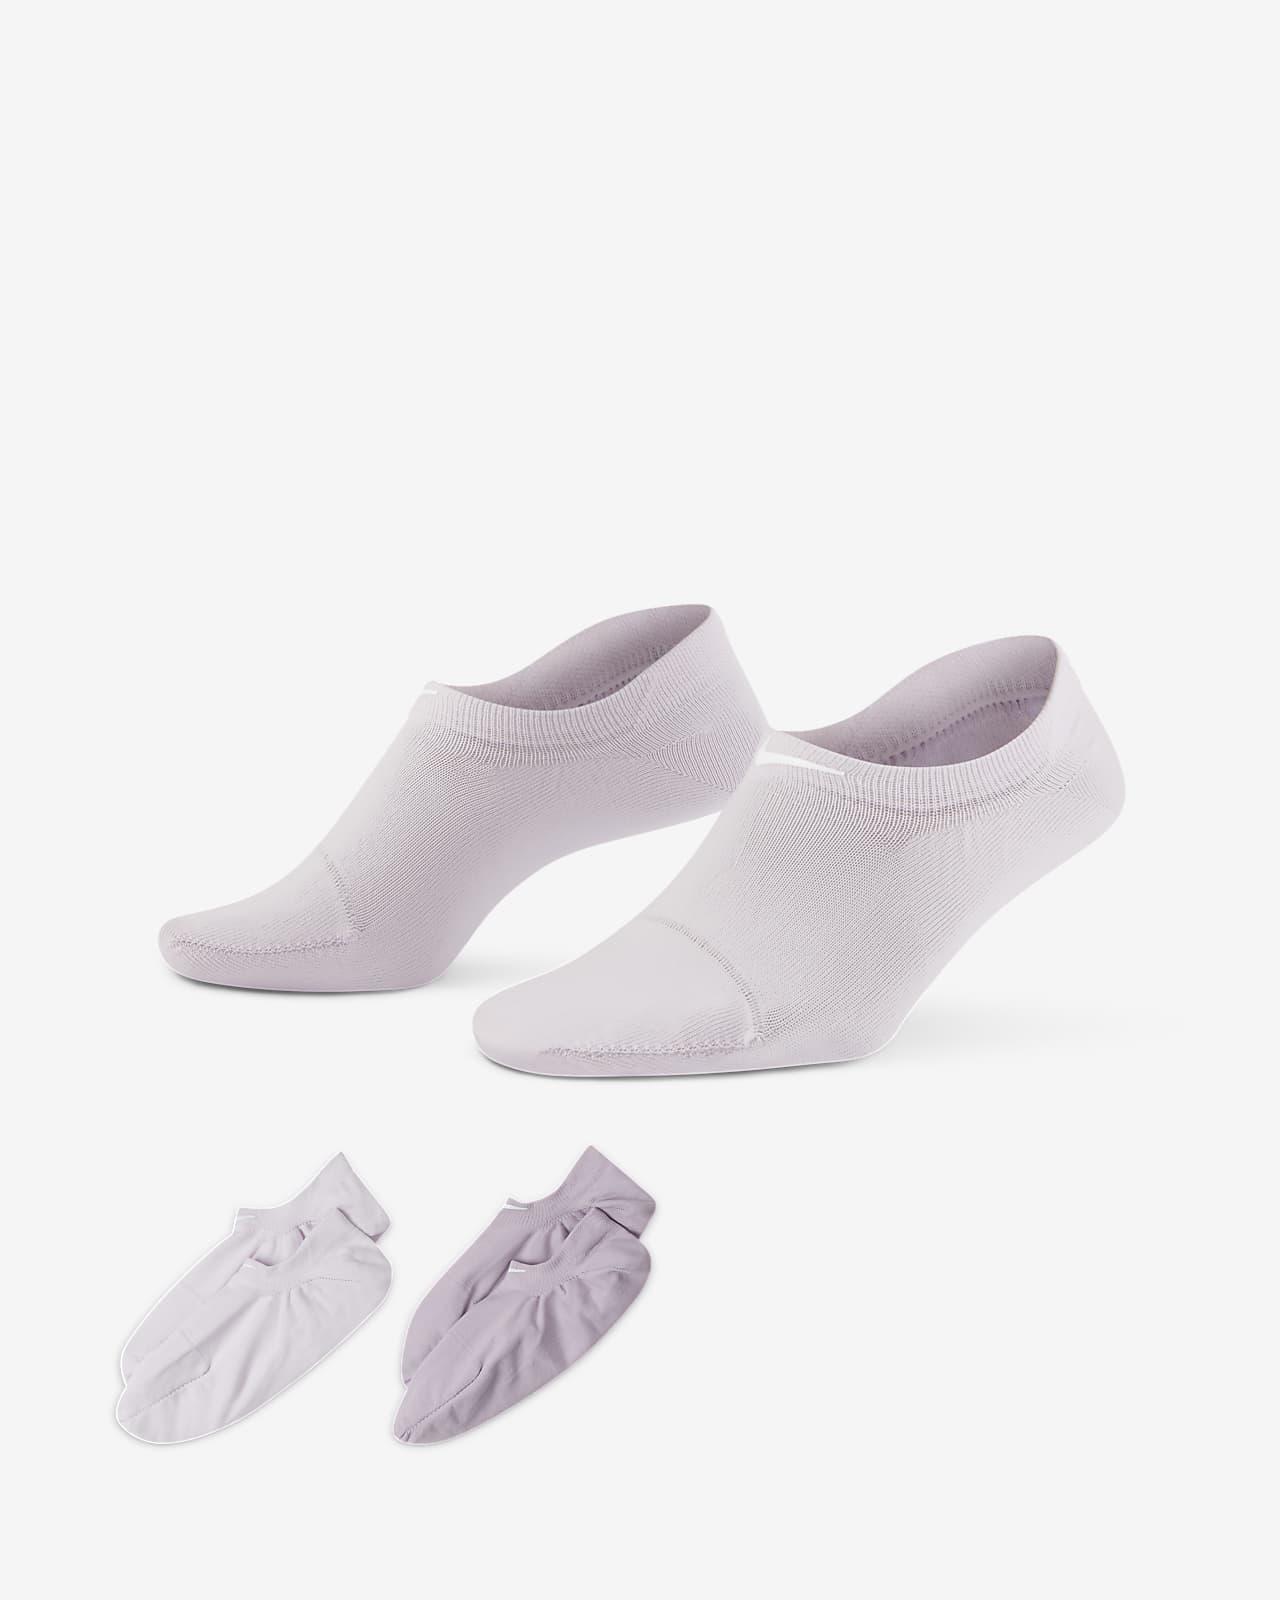 Nike One 女款訓練隱形襪 (2 雙)